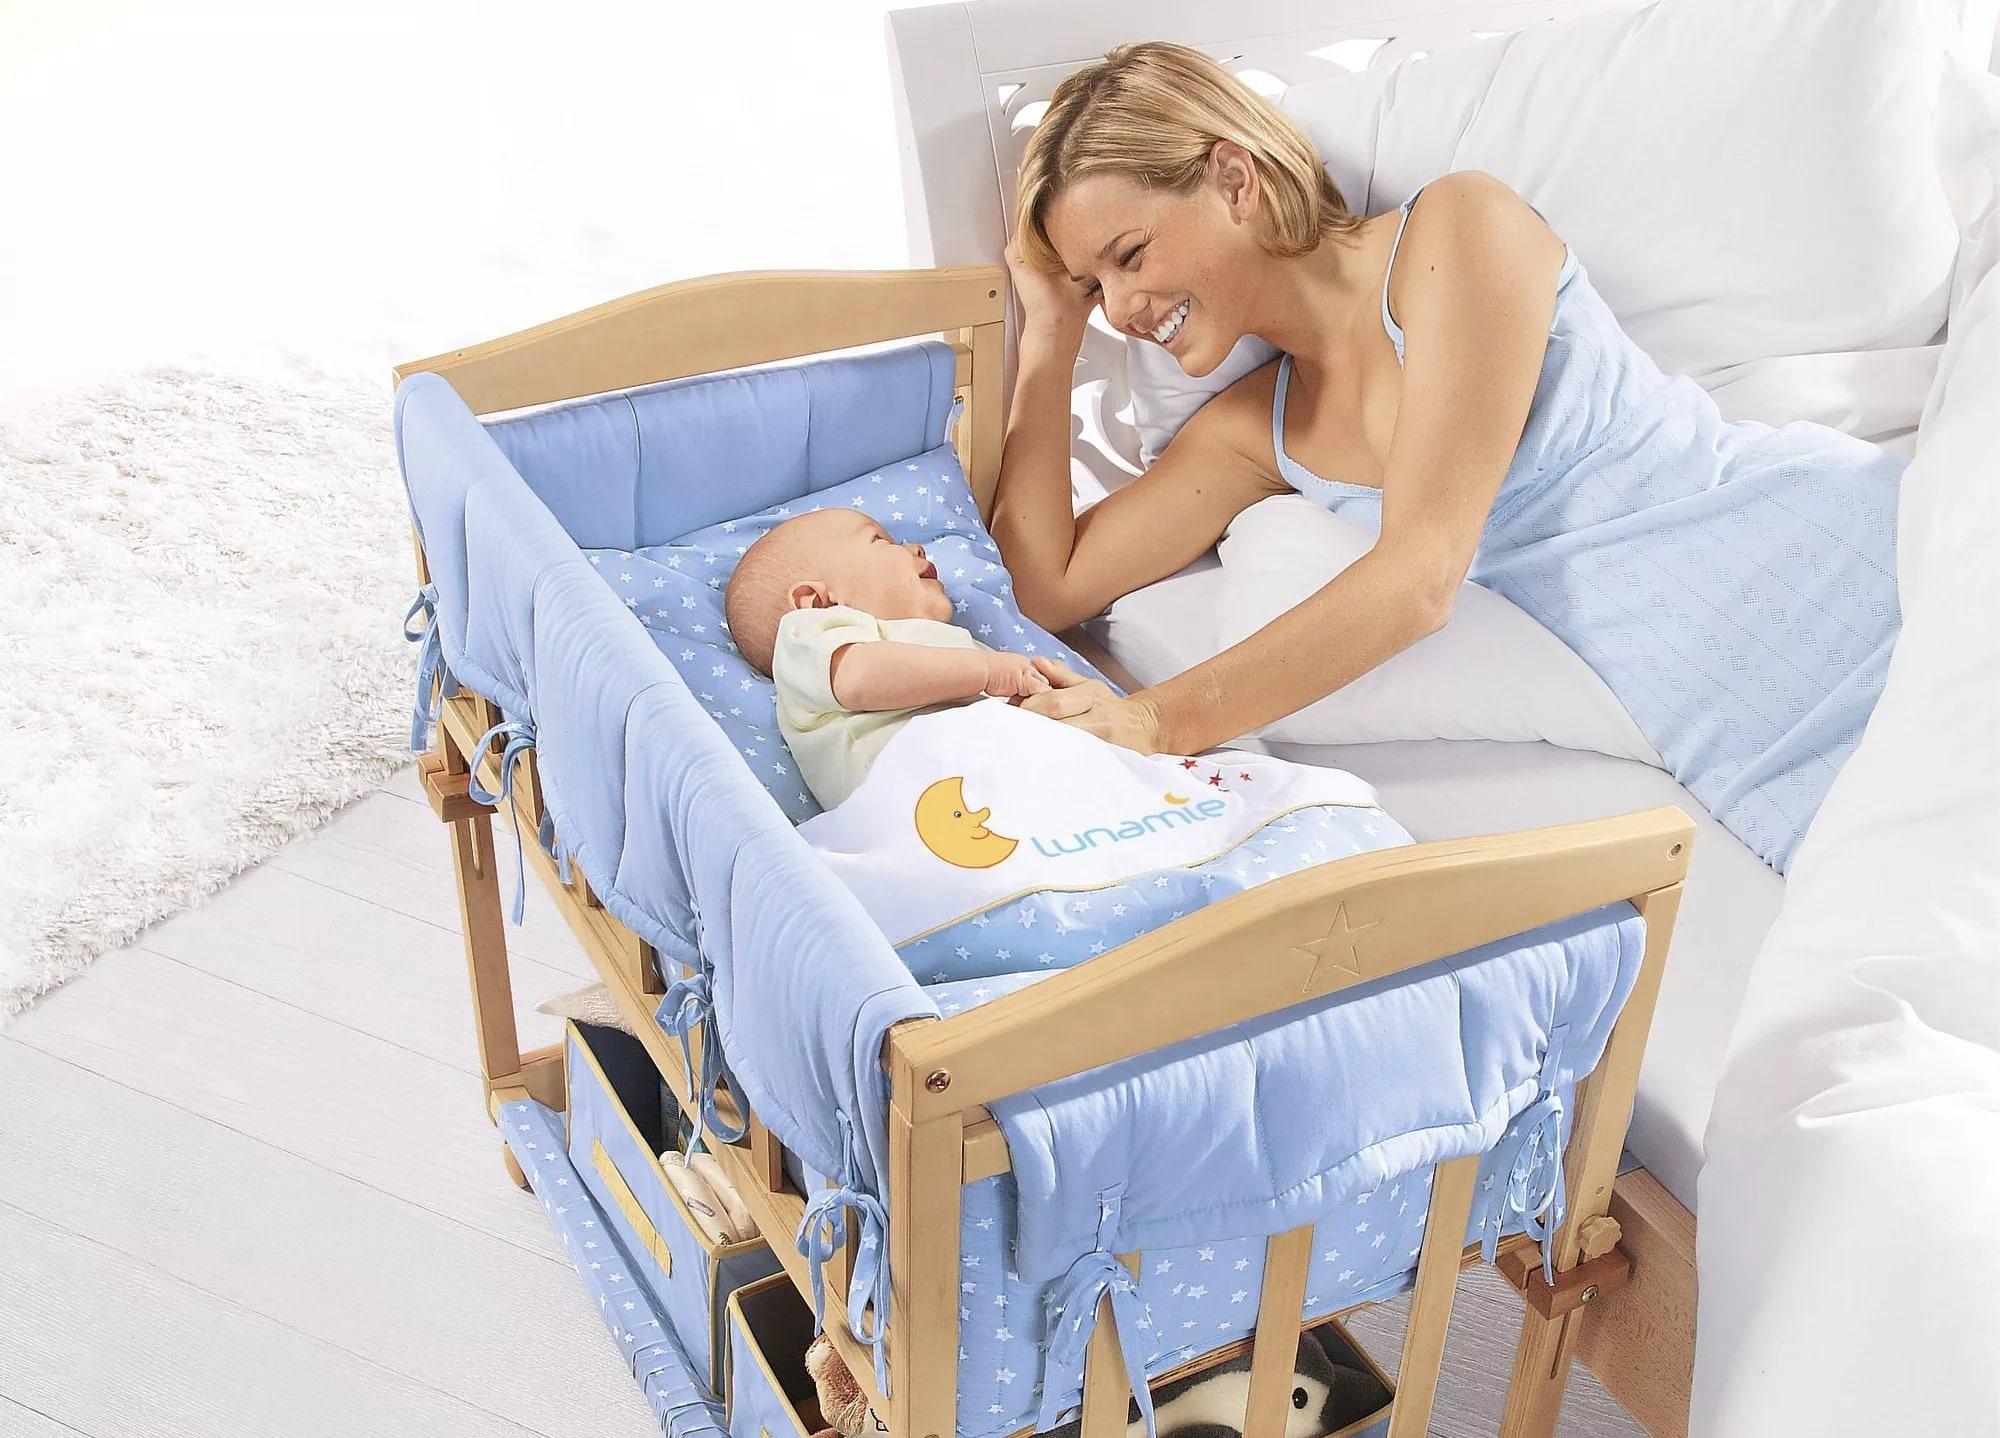 детская кровать близко к родителям